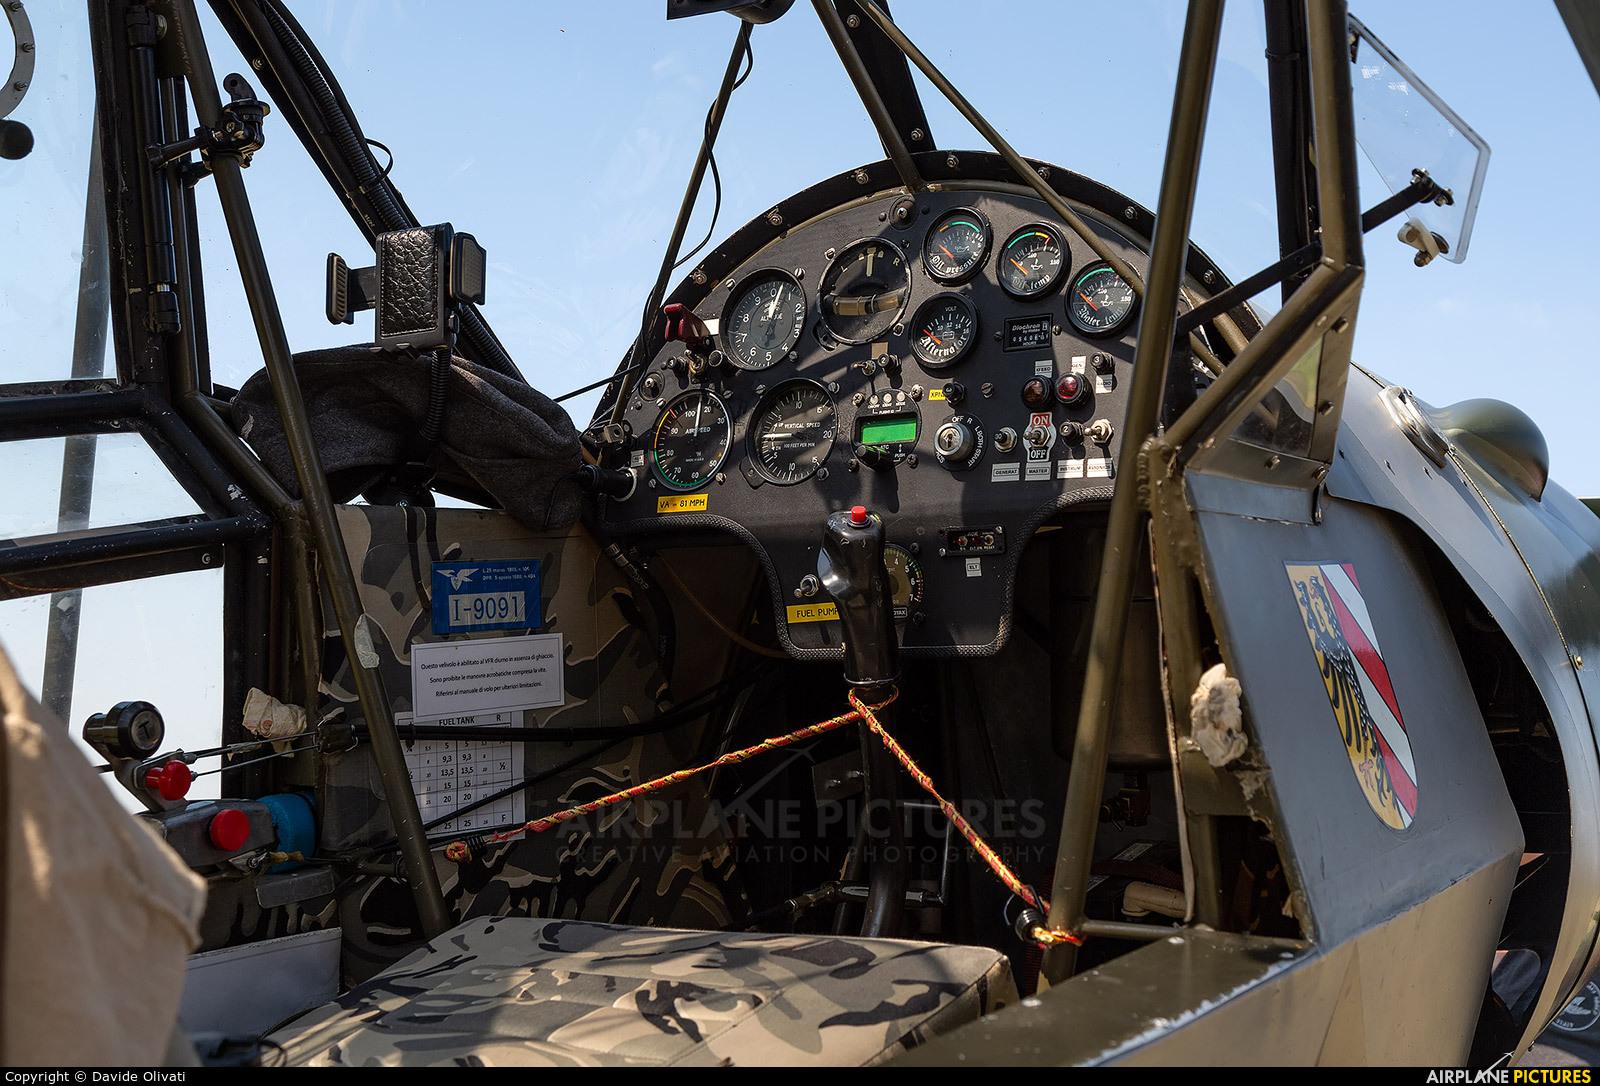 Private I-9091 aircraft at Ozzano dell